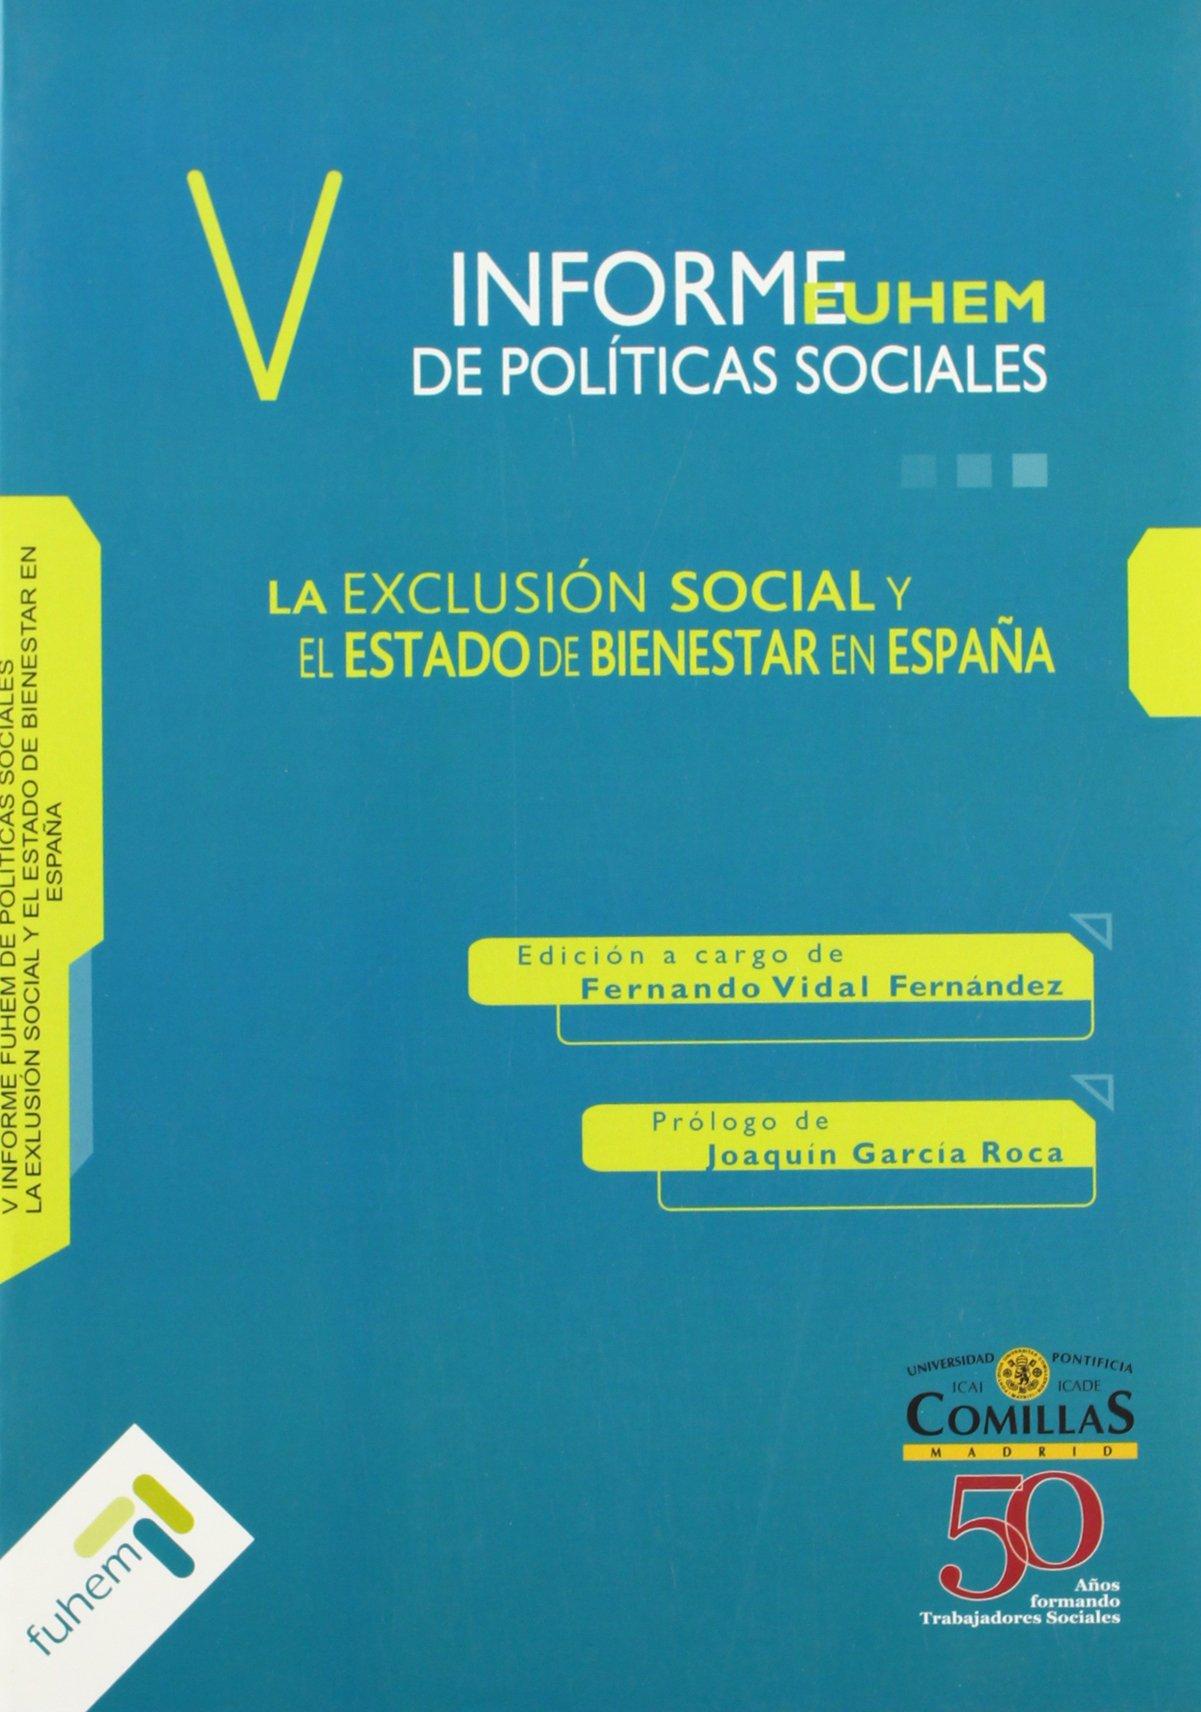 La exclusión social y el estado del bienestar en España : V informe FUHEM de políticas sociales y estado de bienestar: Amazon.es: Vidal Fernandez, Fernando: Libros